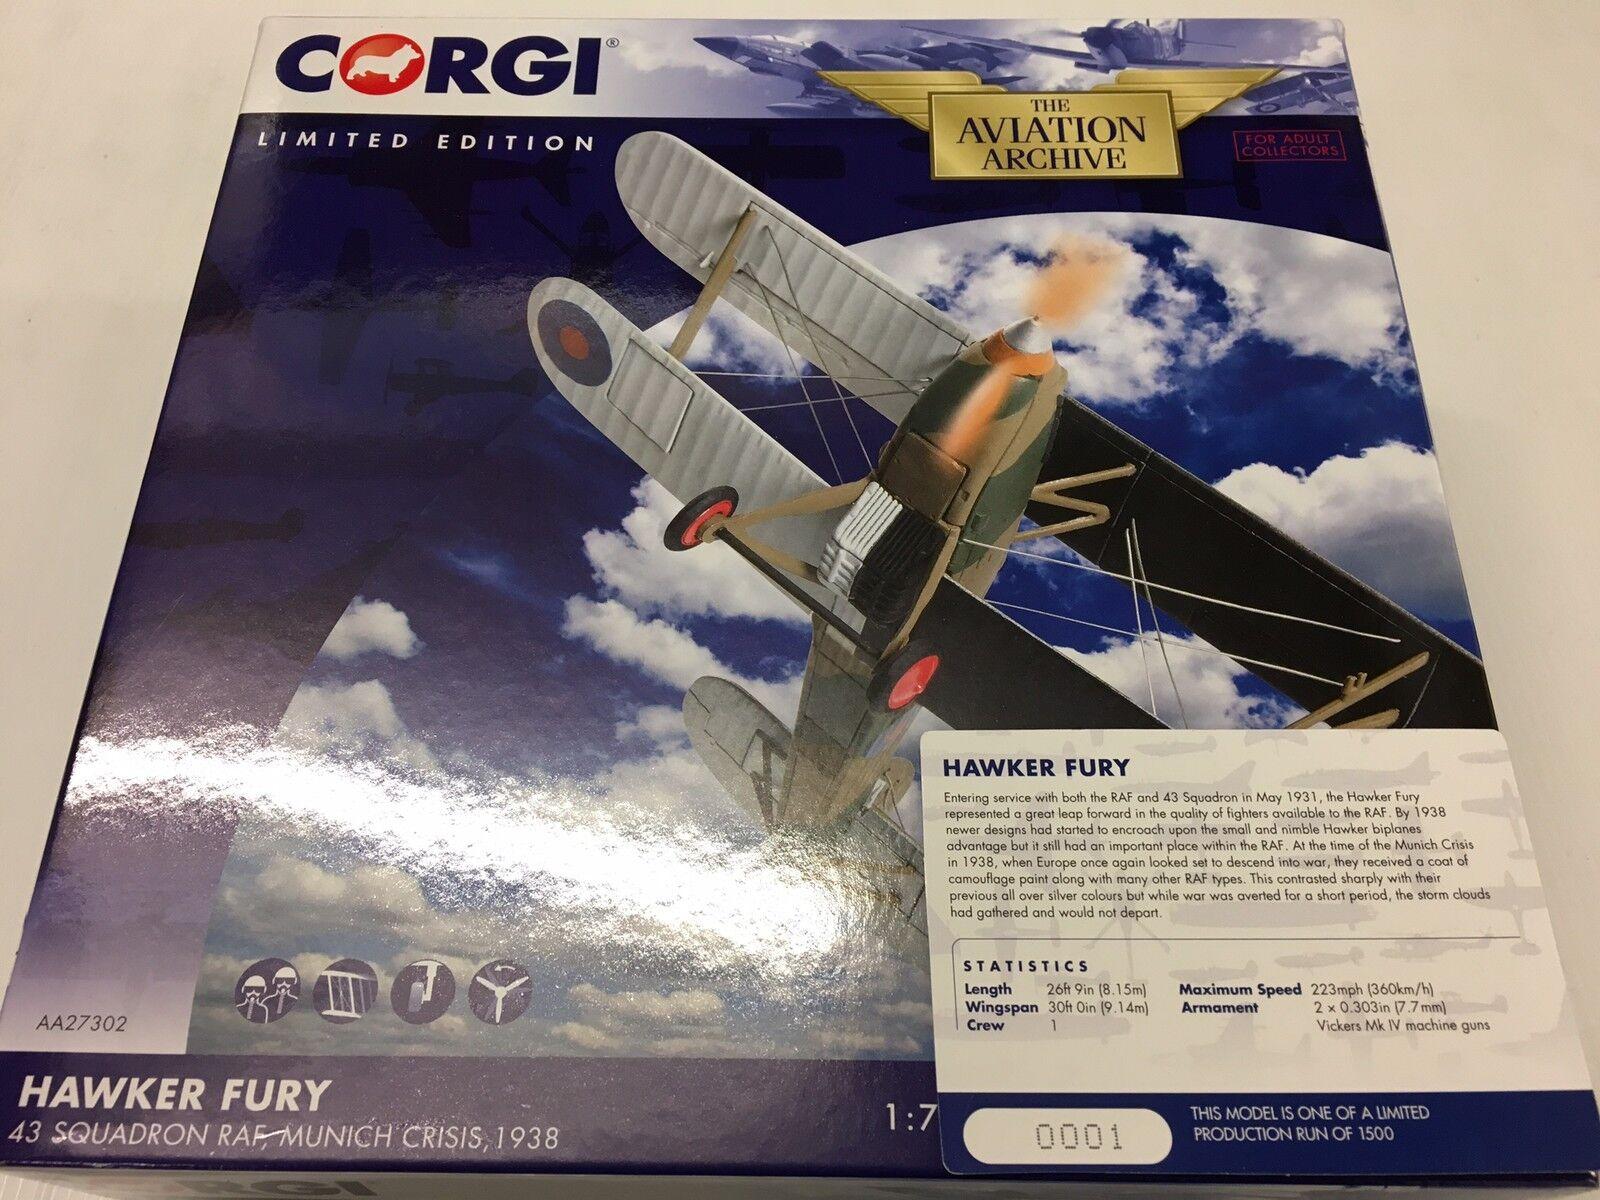 CORGI AA27302 HAWKER FURY 43 Squadron RAF crise de Munich LTD ED. No 0001 de 1500